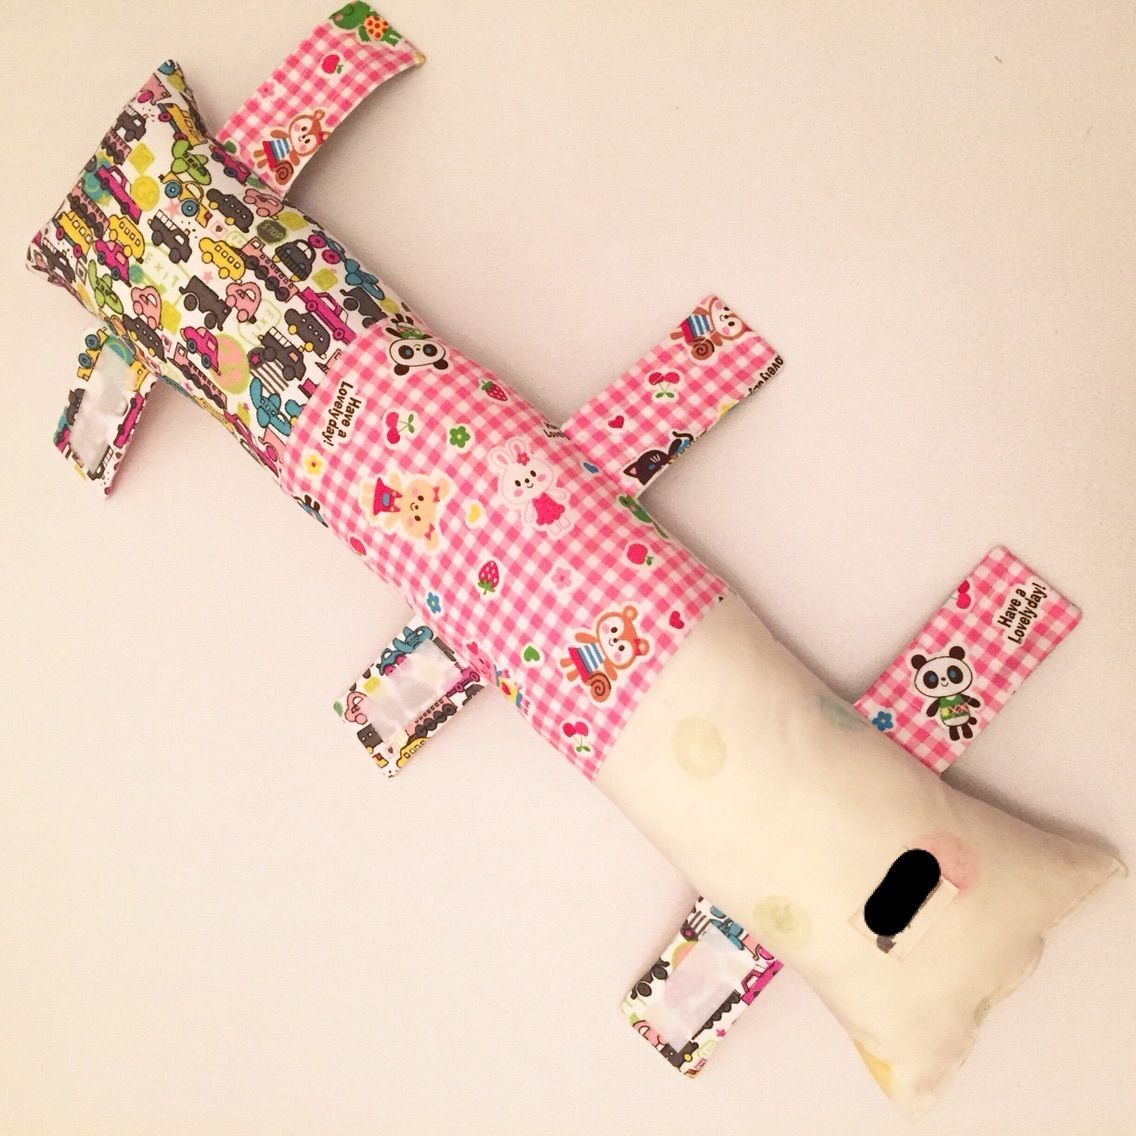 作り方 今流行りのシートベルト枕 アイラブ子育て 今できること 枕の作り方 ハンドメイド 稼ぐ おむつポーチ